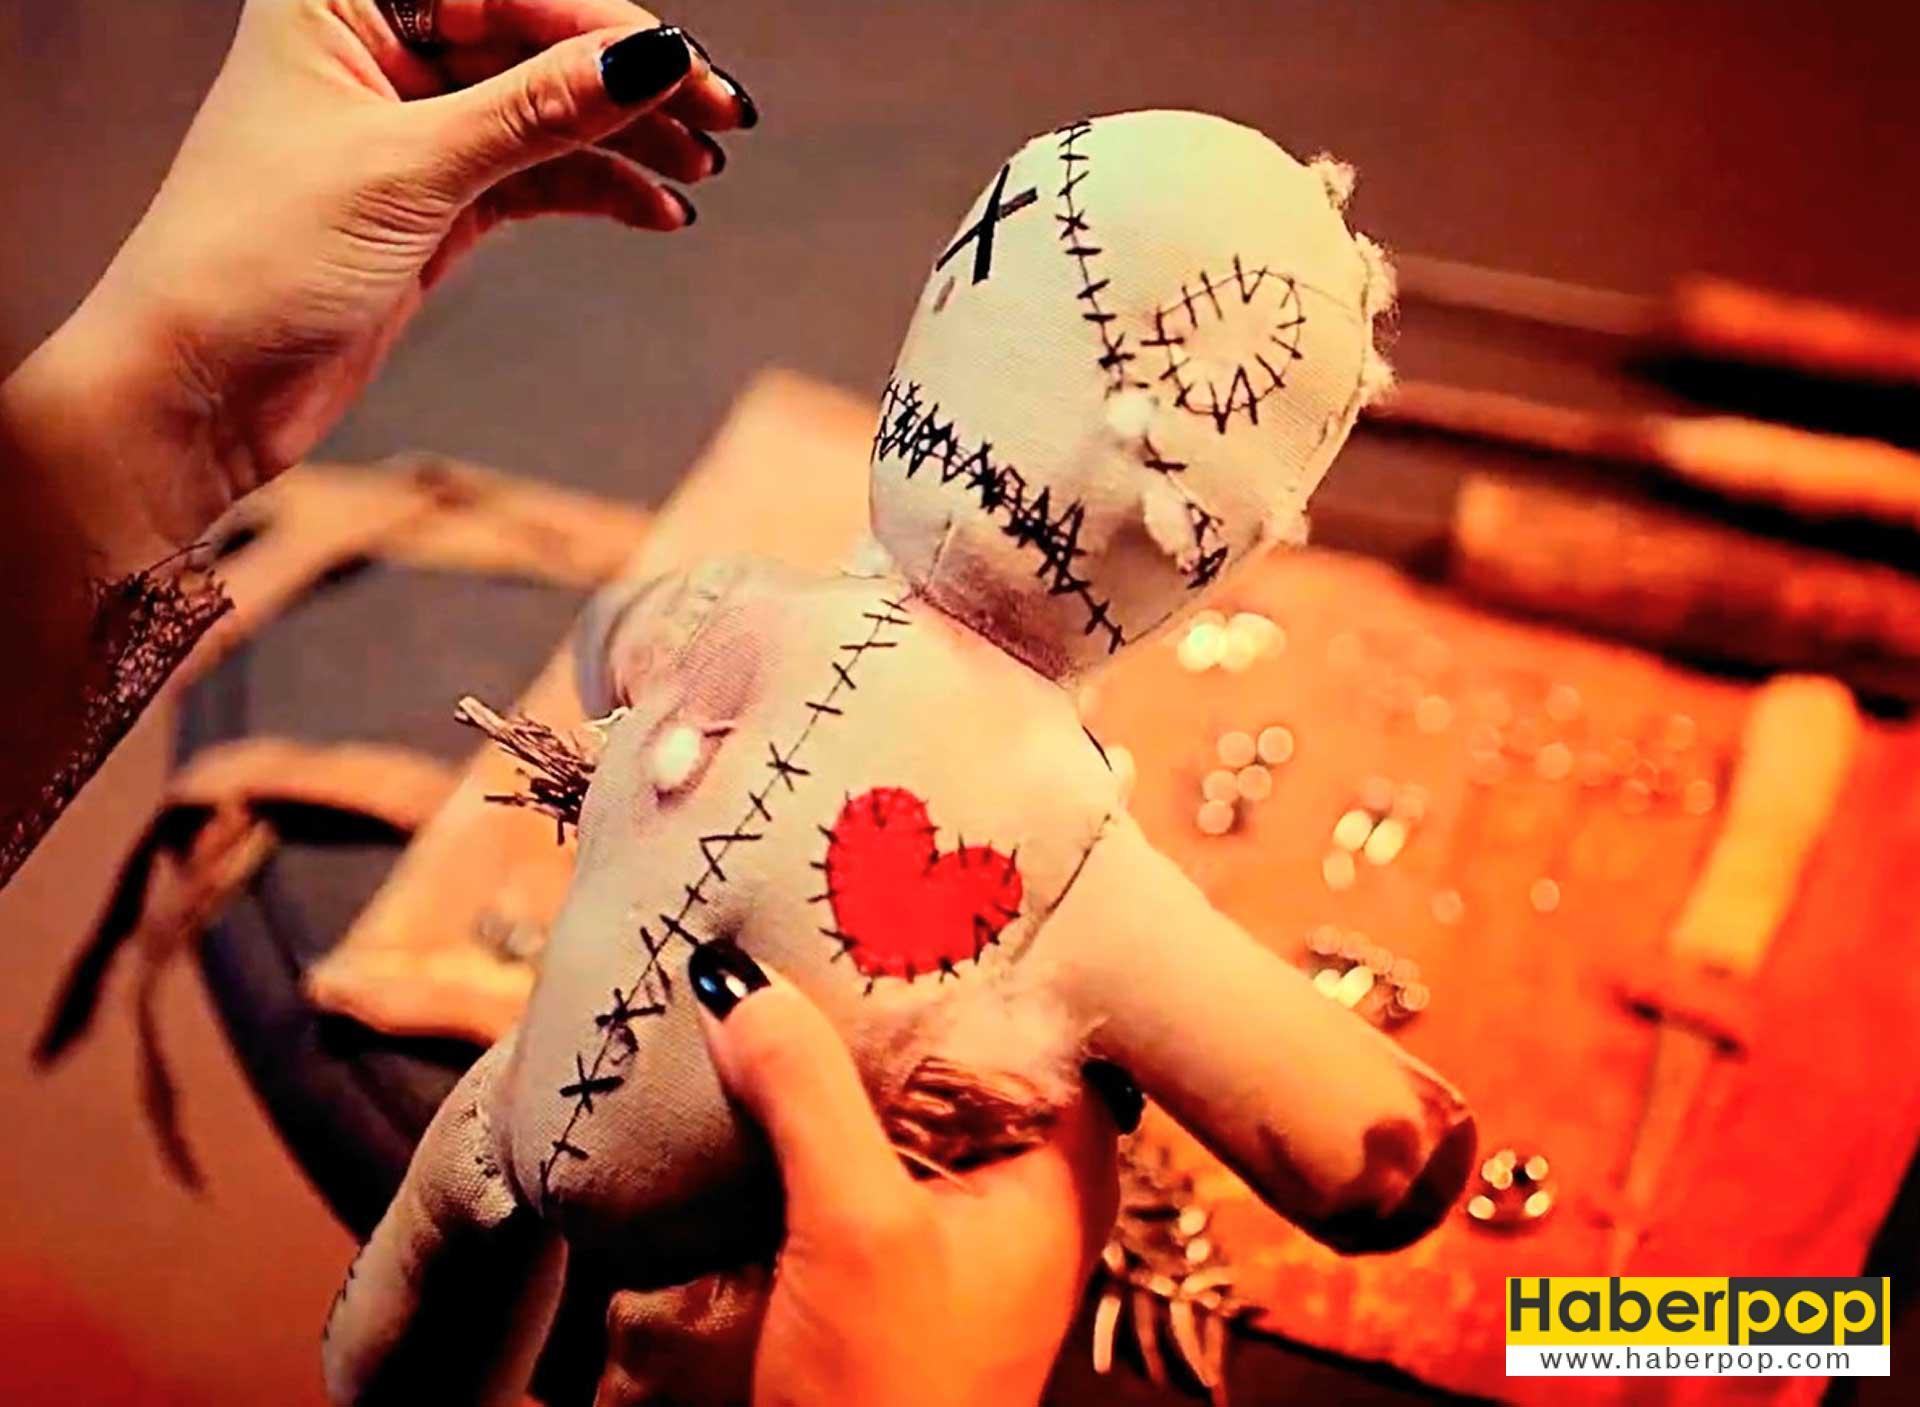 сделать своими руками куклу вуду.чтобы приворожить человека